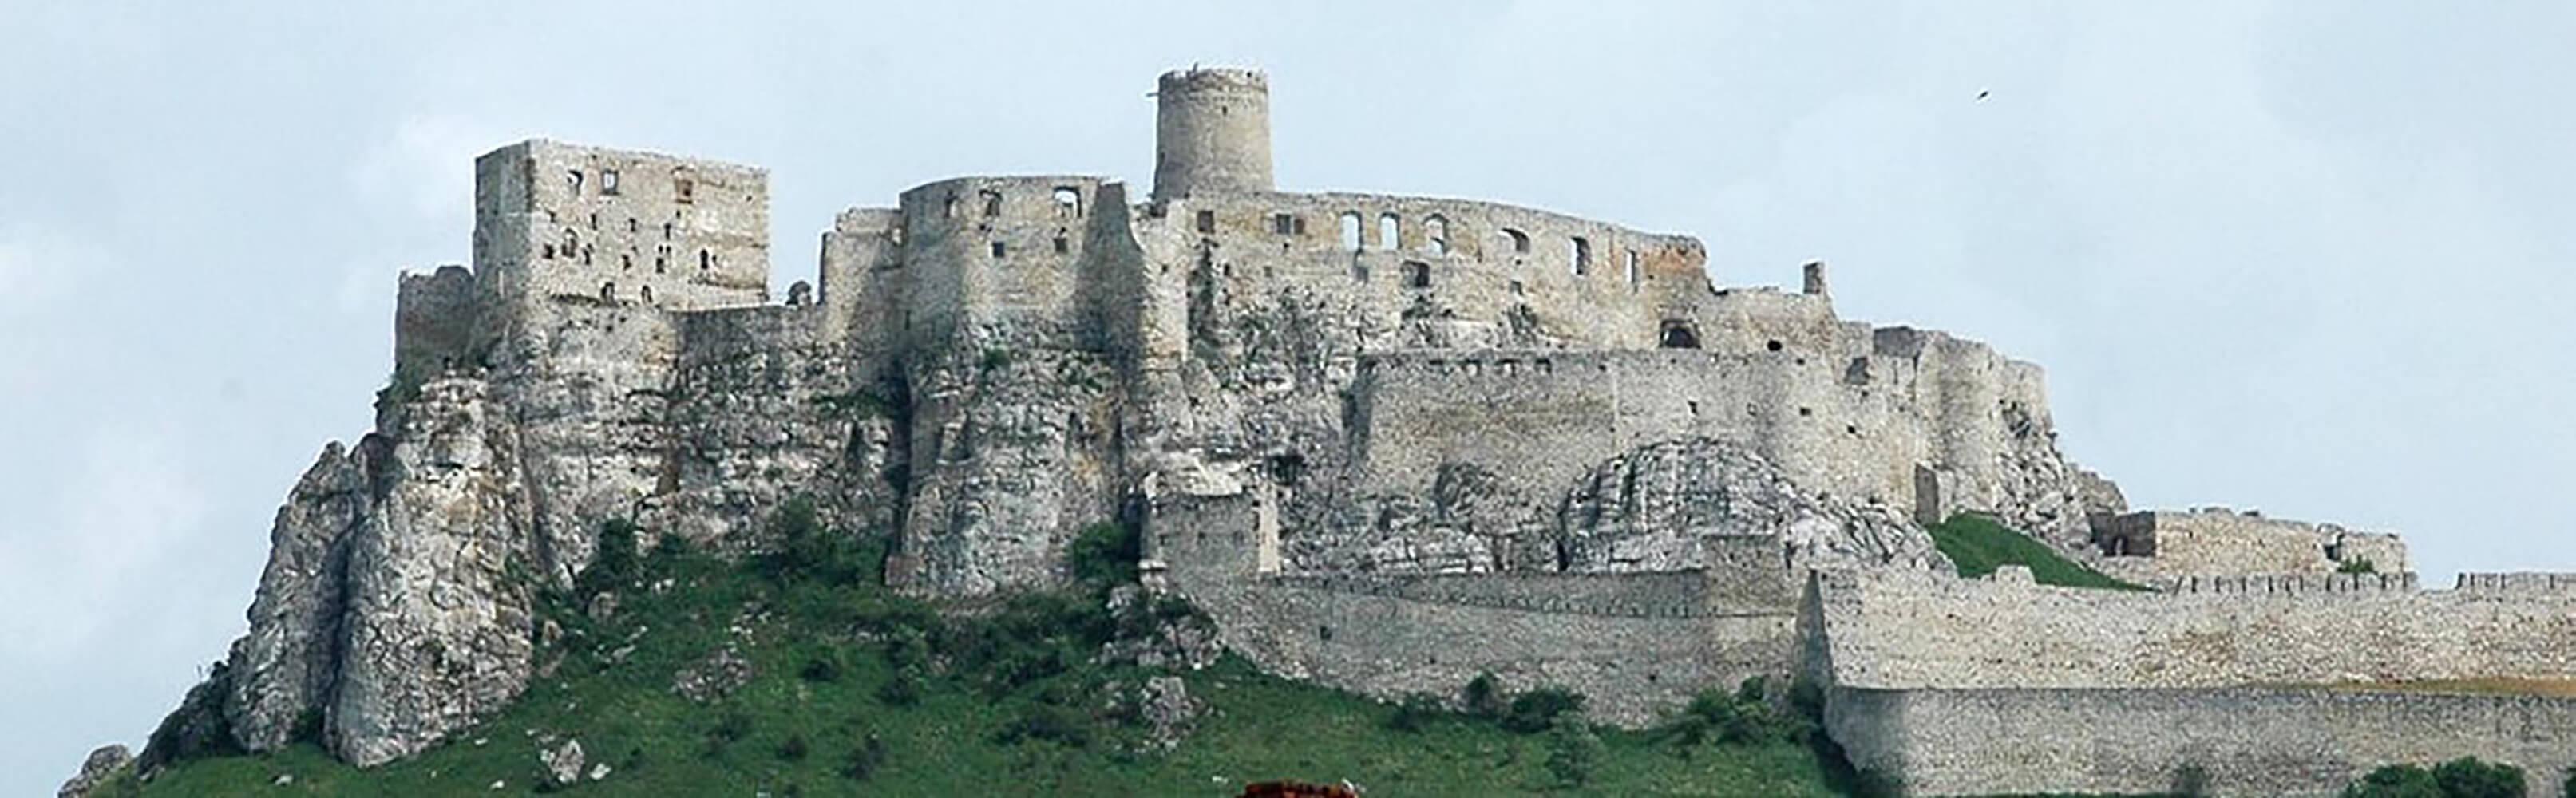 Zipser Burg 1